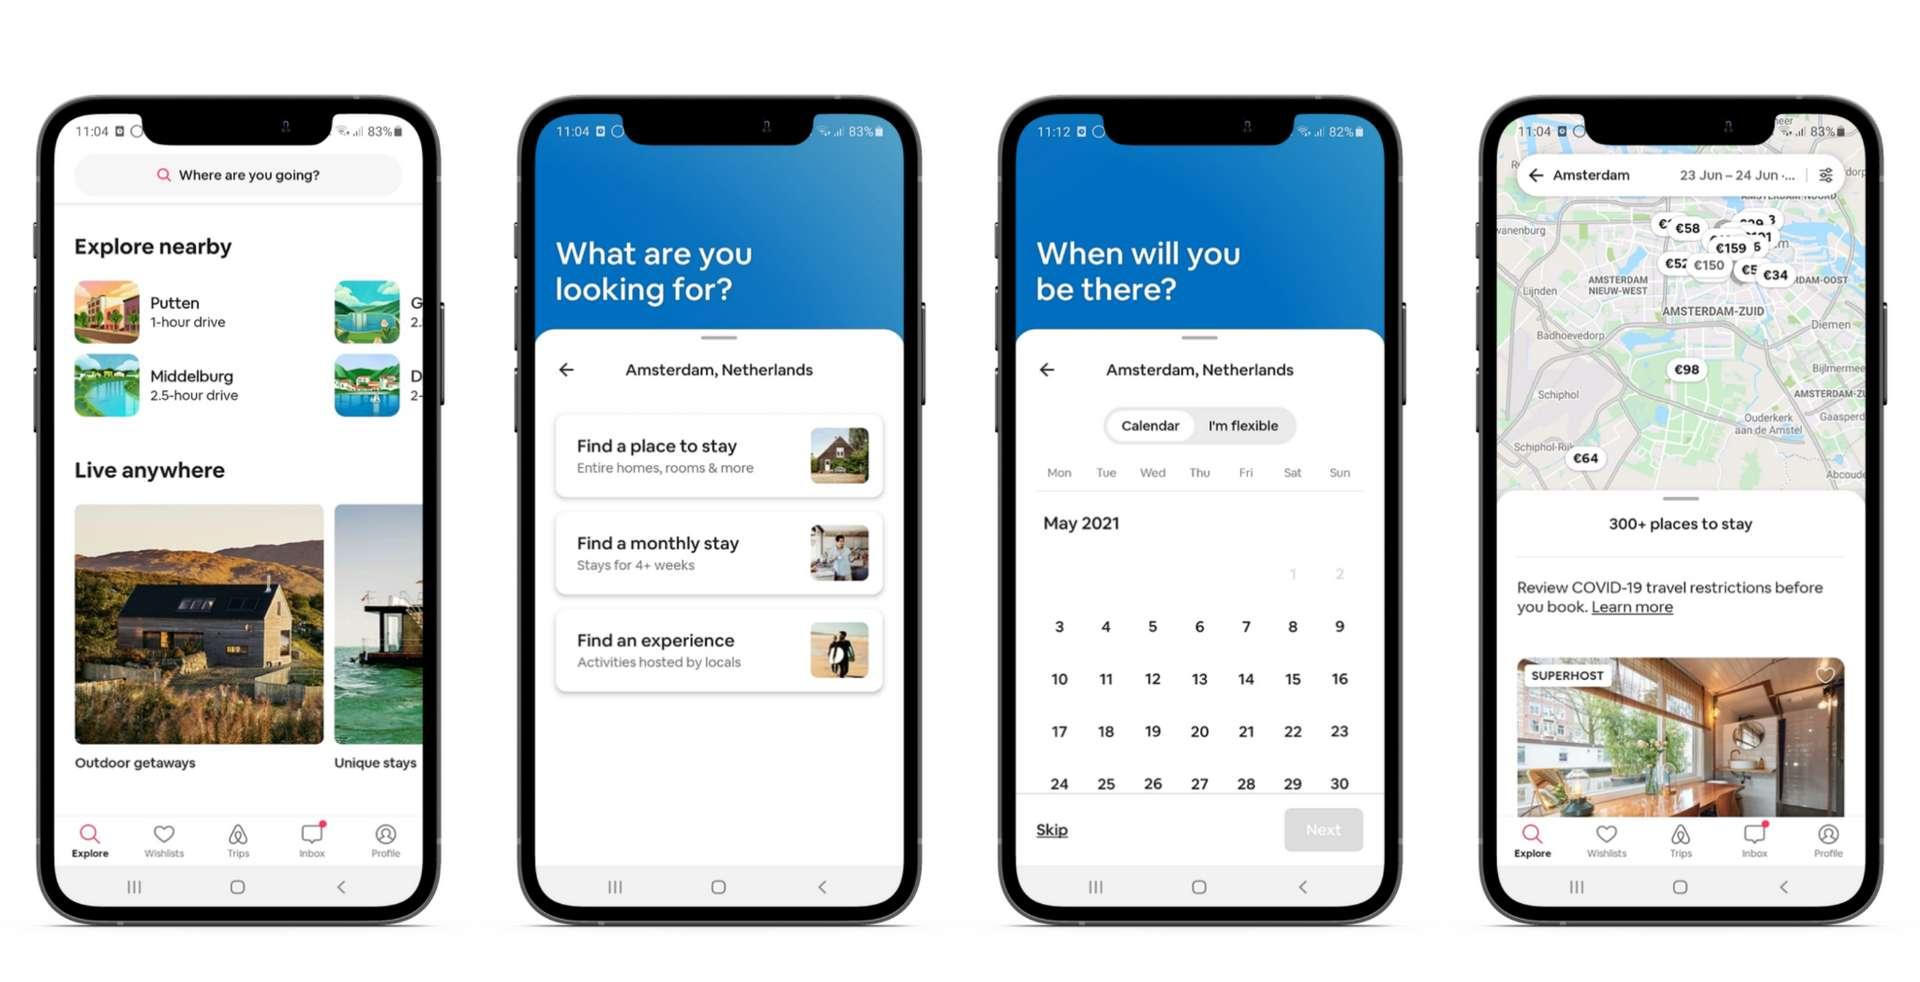 Hoe werkt Airbnb